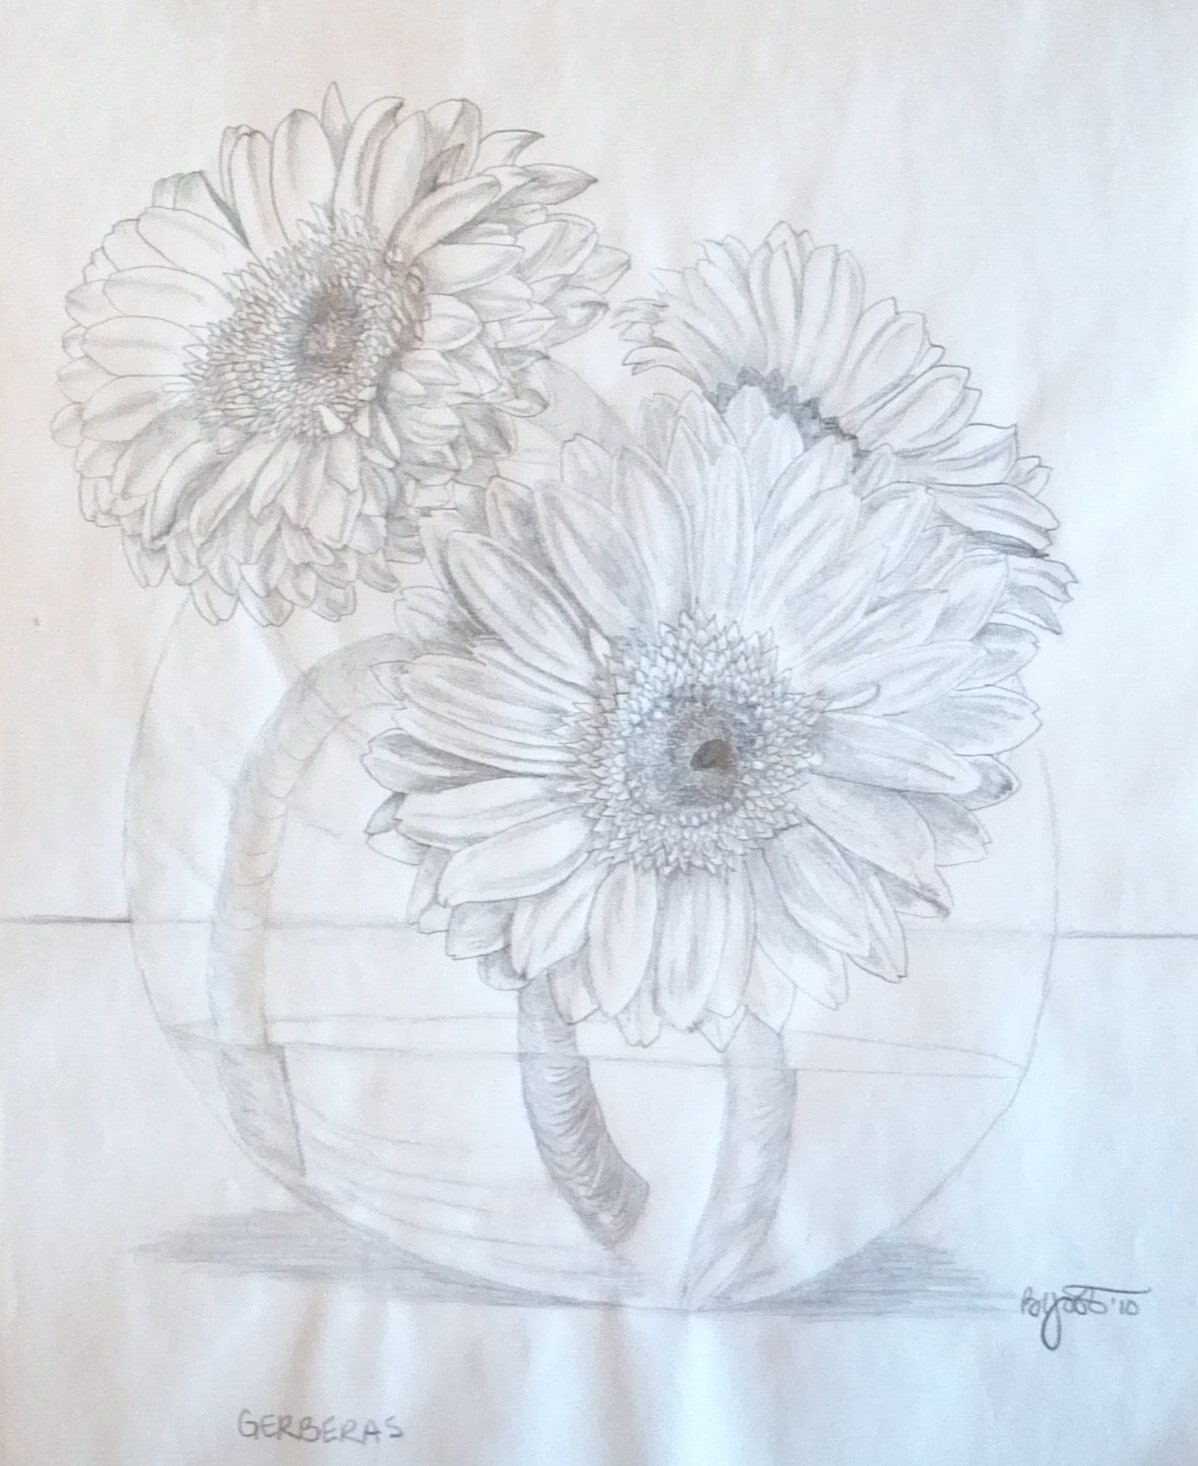 Fresh gerbera daisies pencil drawing